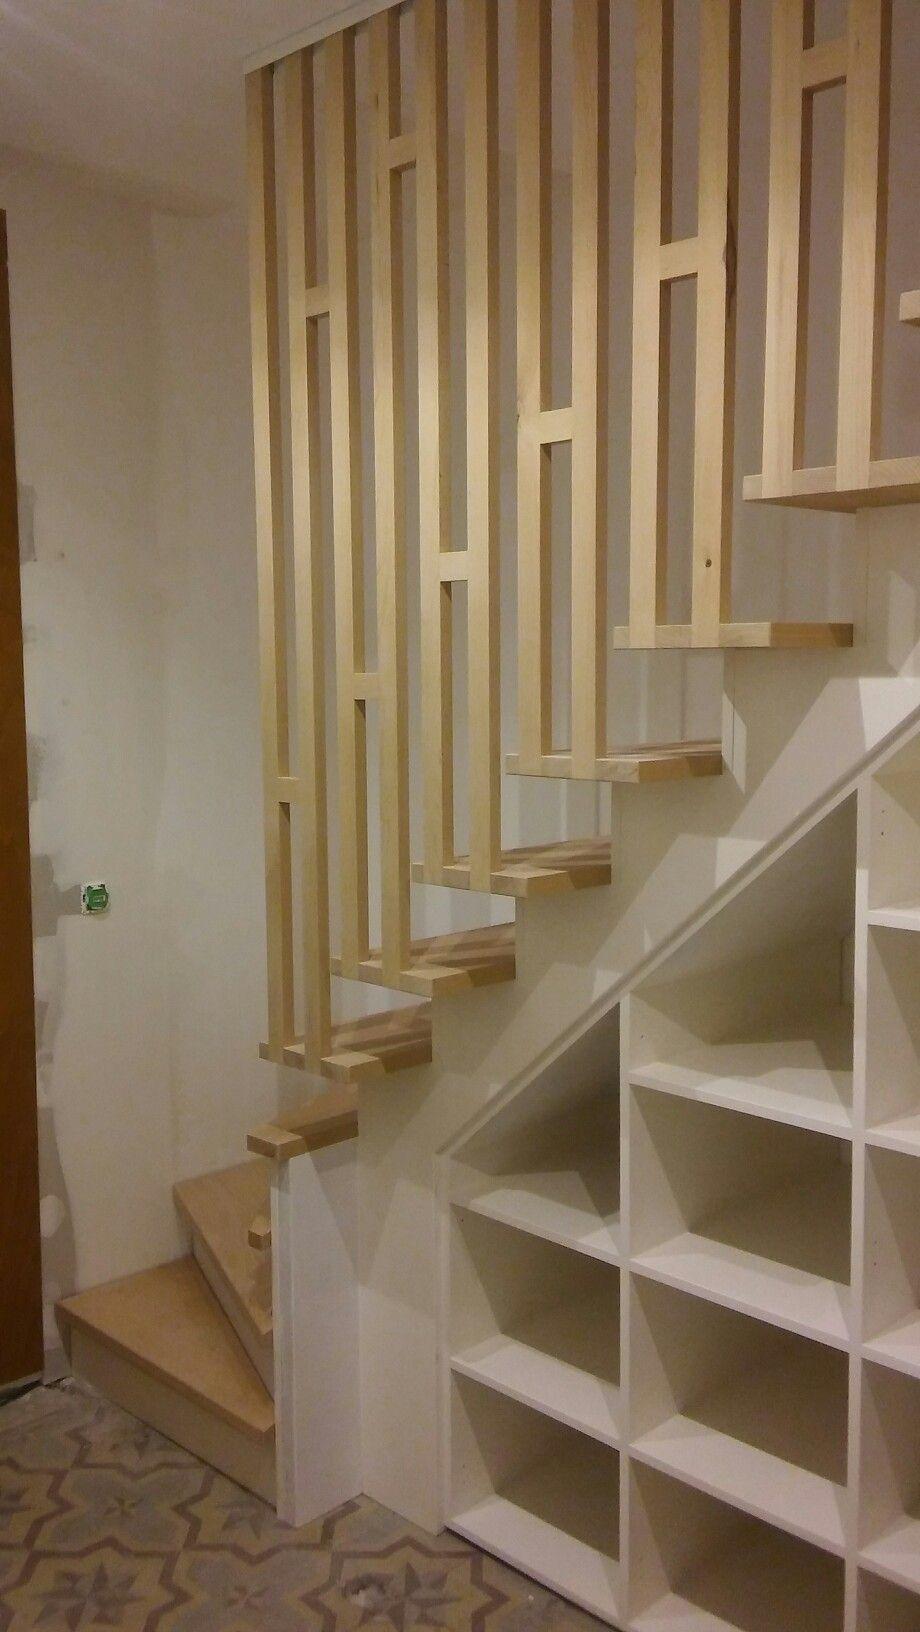 Escalier Hetre Escalier Palette Menuiserie